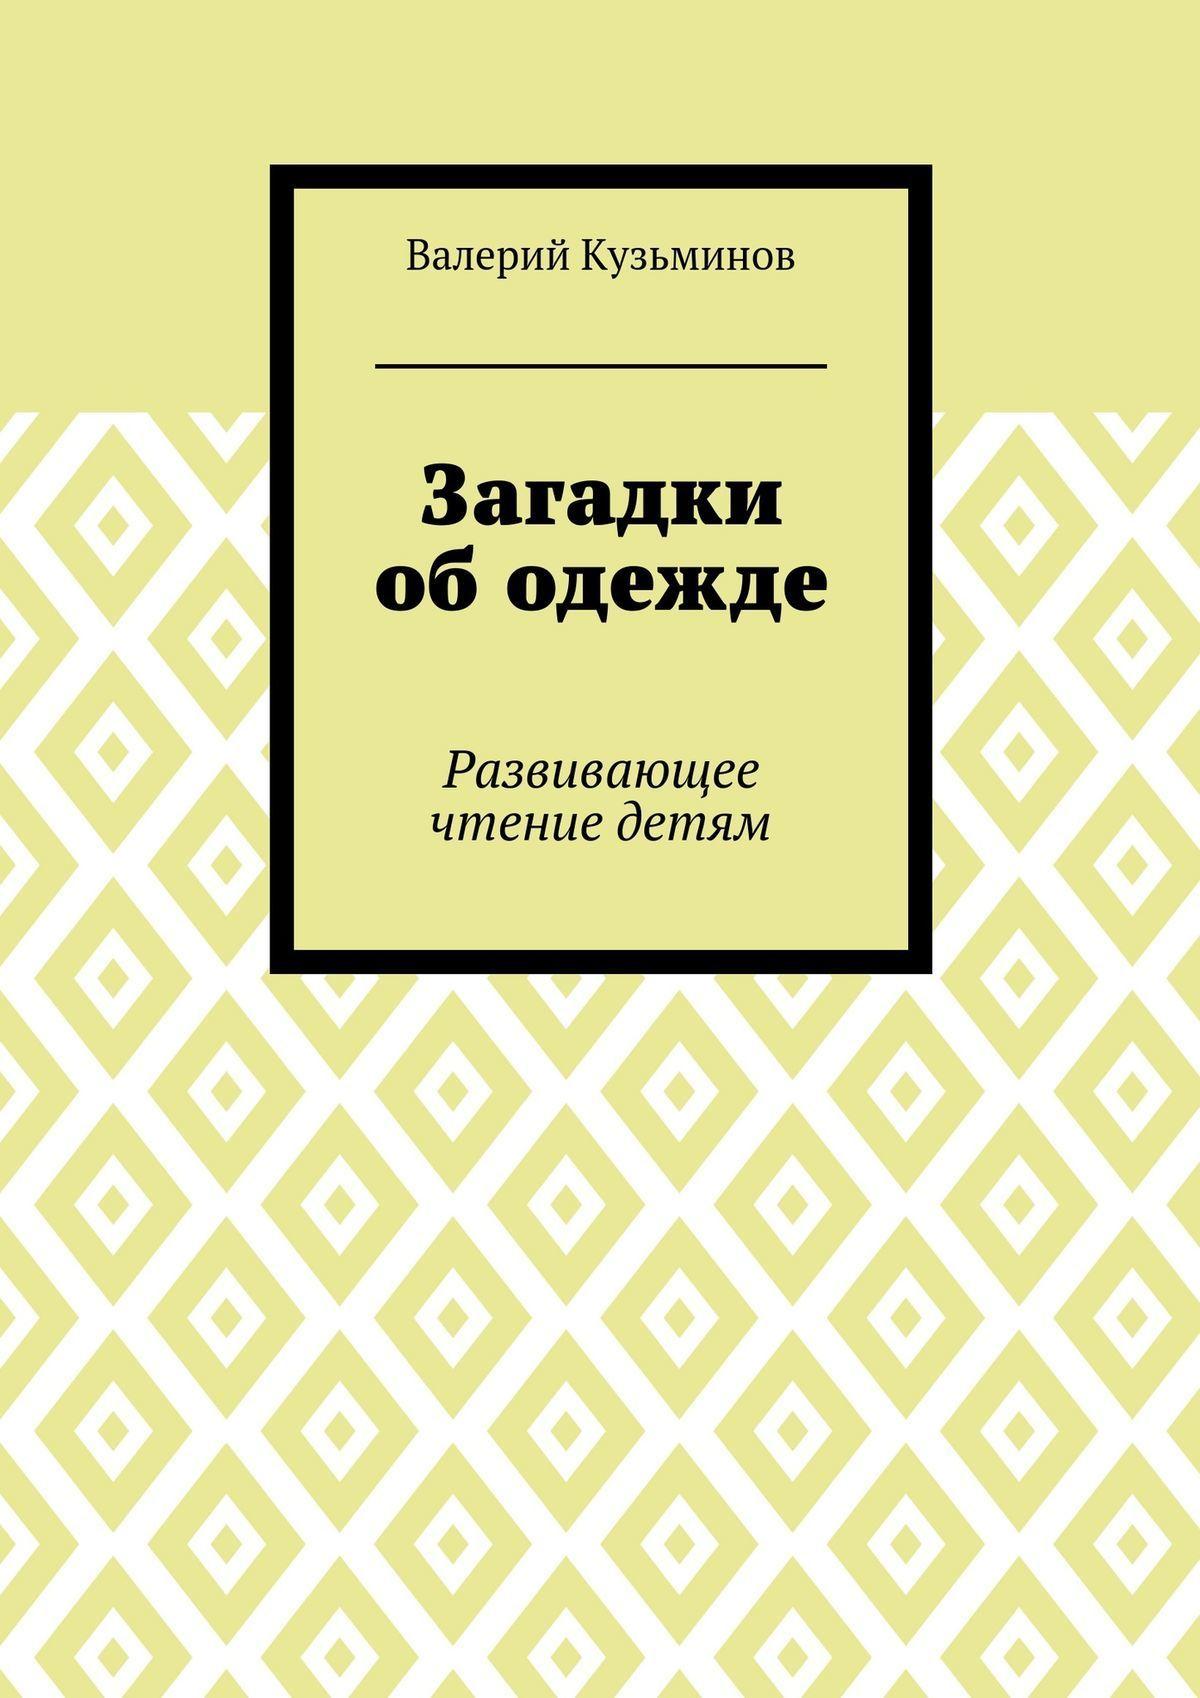 Валерий Васильевич Кузьминов бесплатно